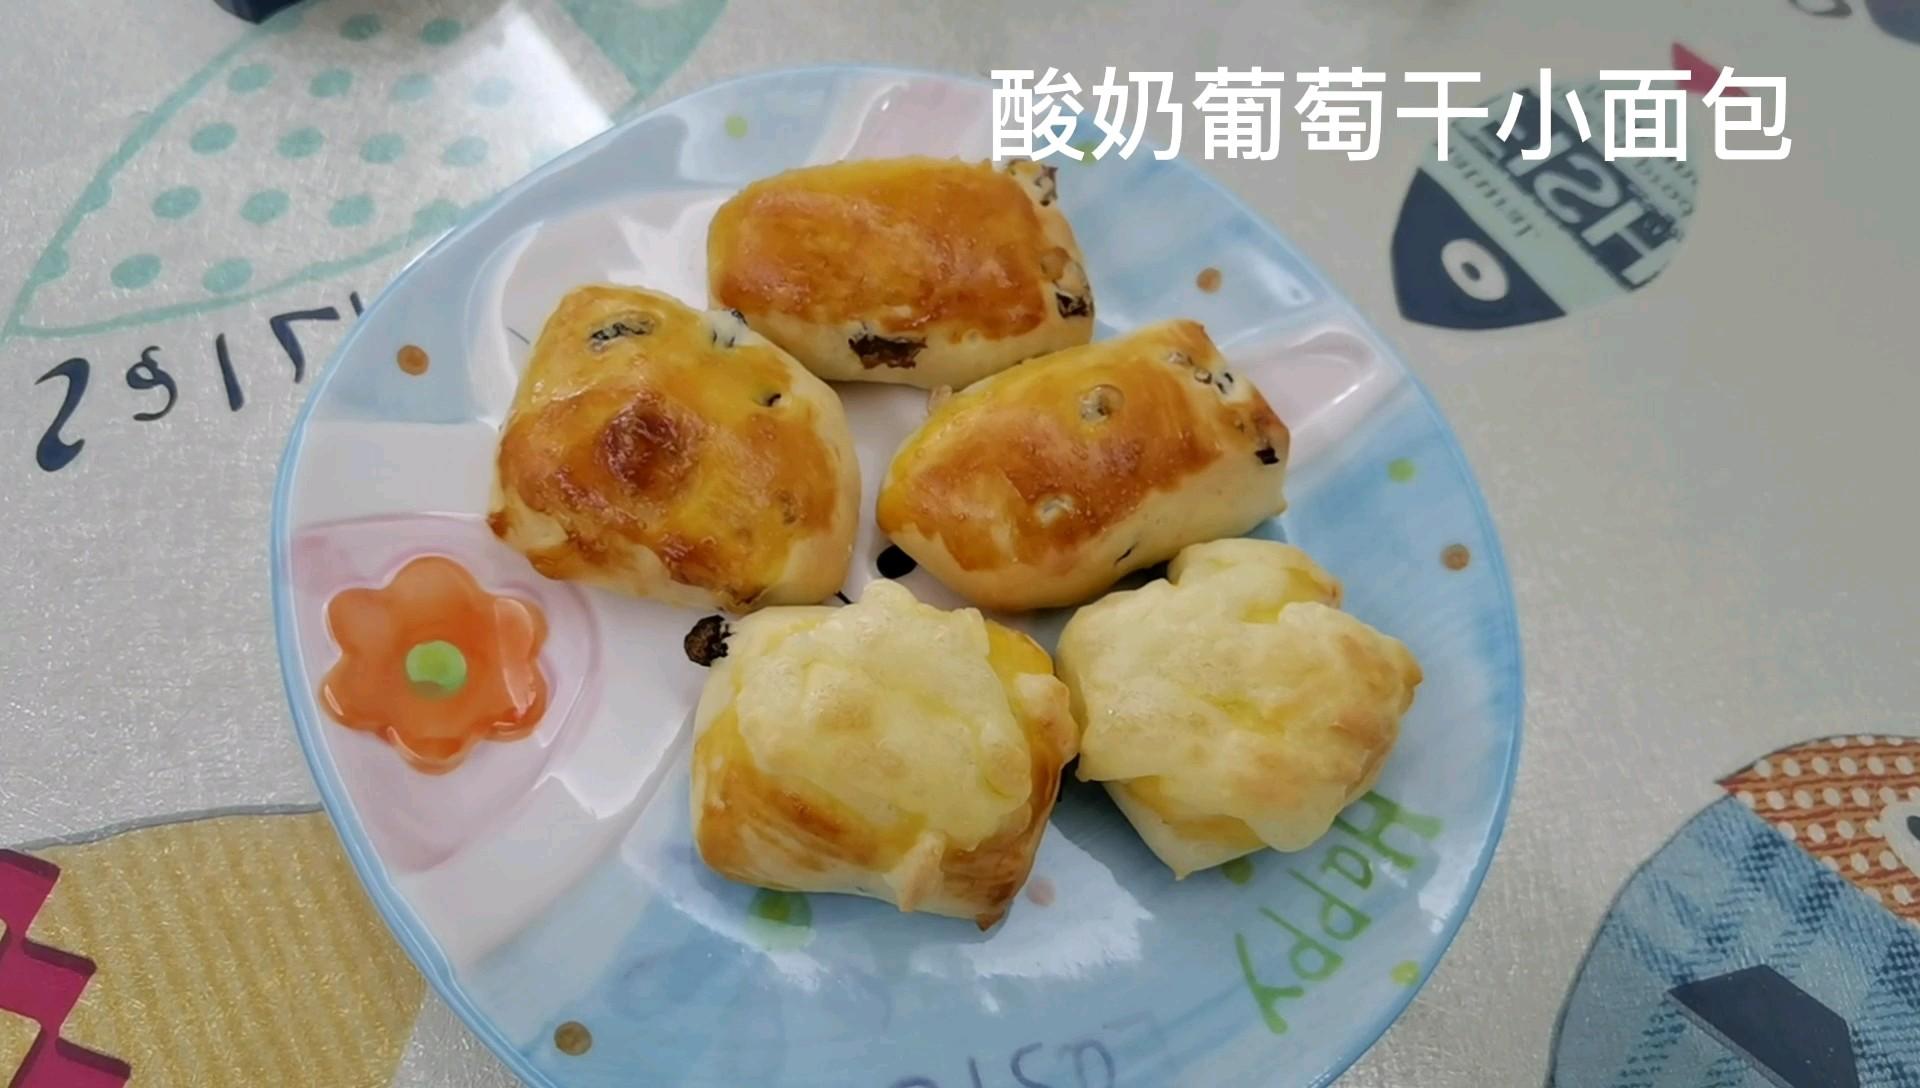 宝宝酸奶葡萄干小面包的做法